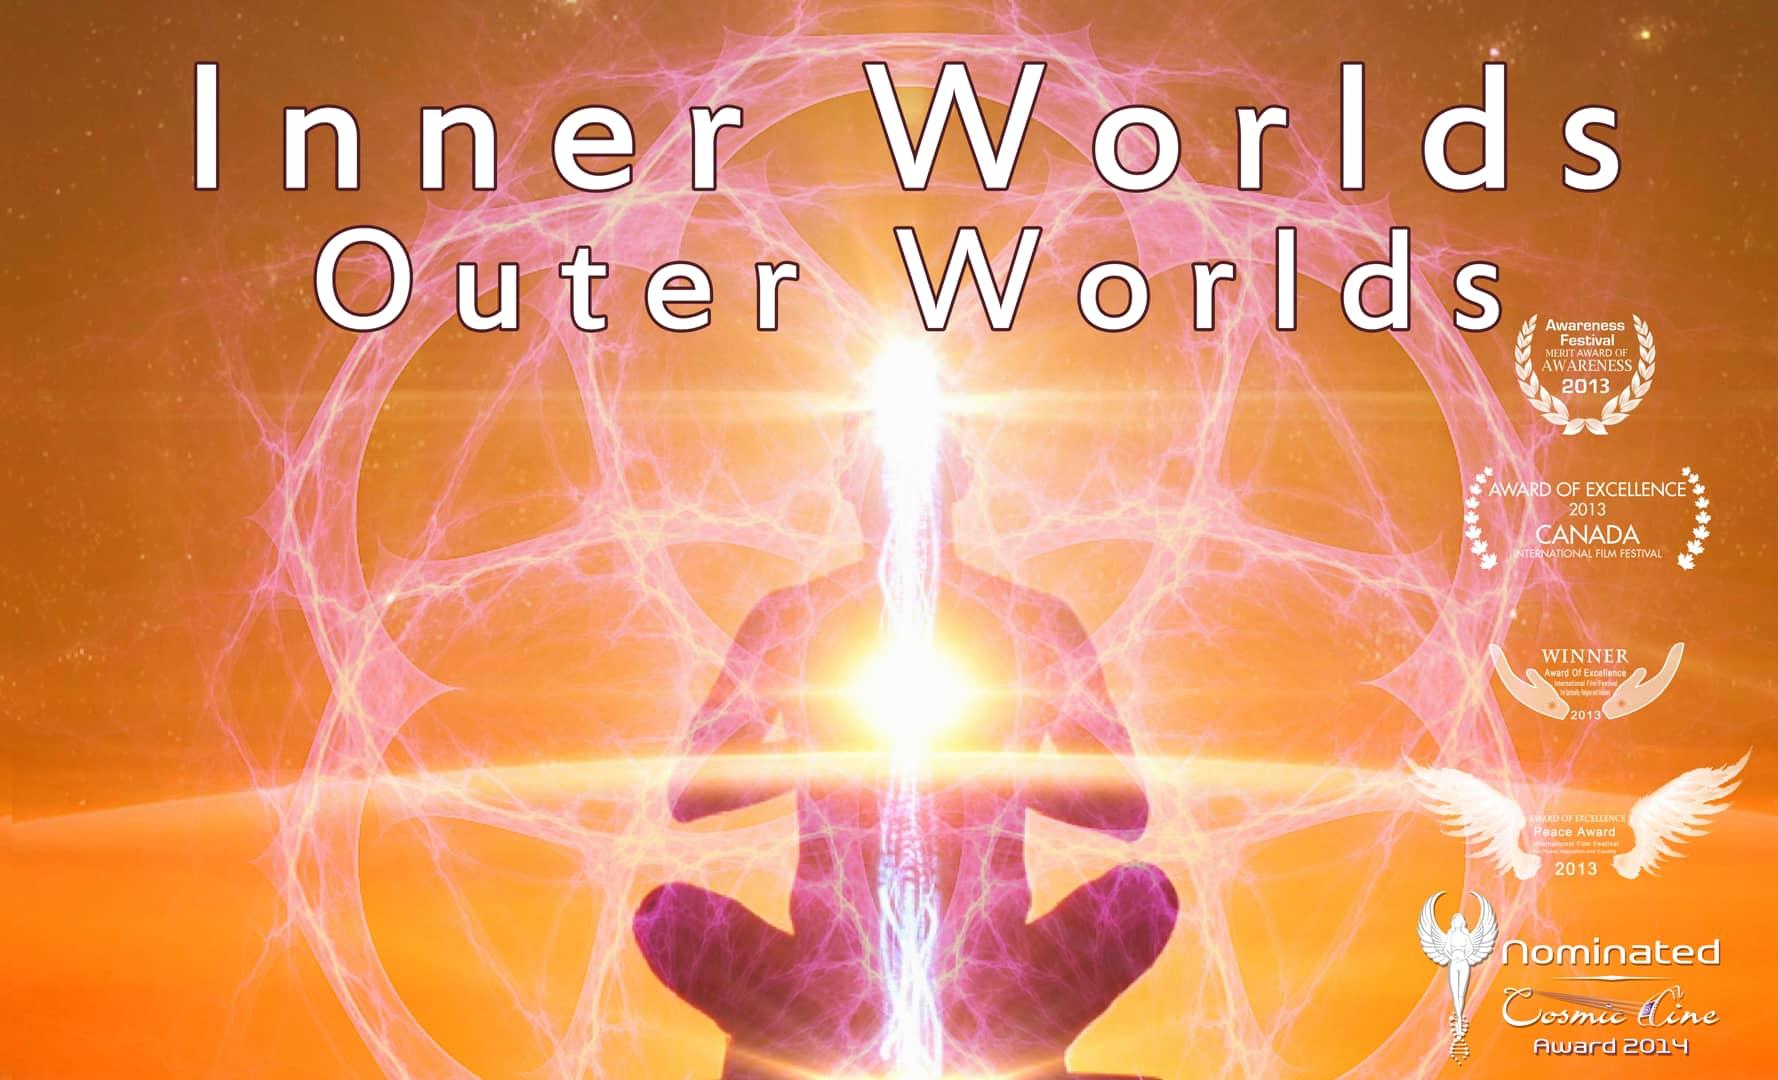 inner worlds outer world